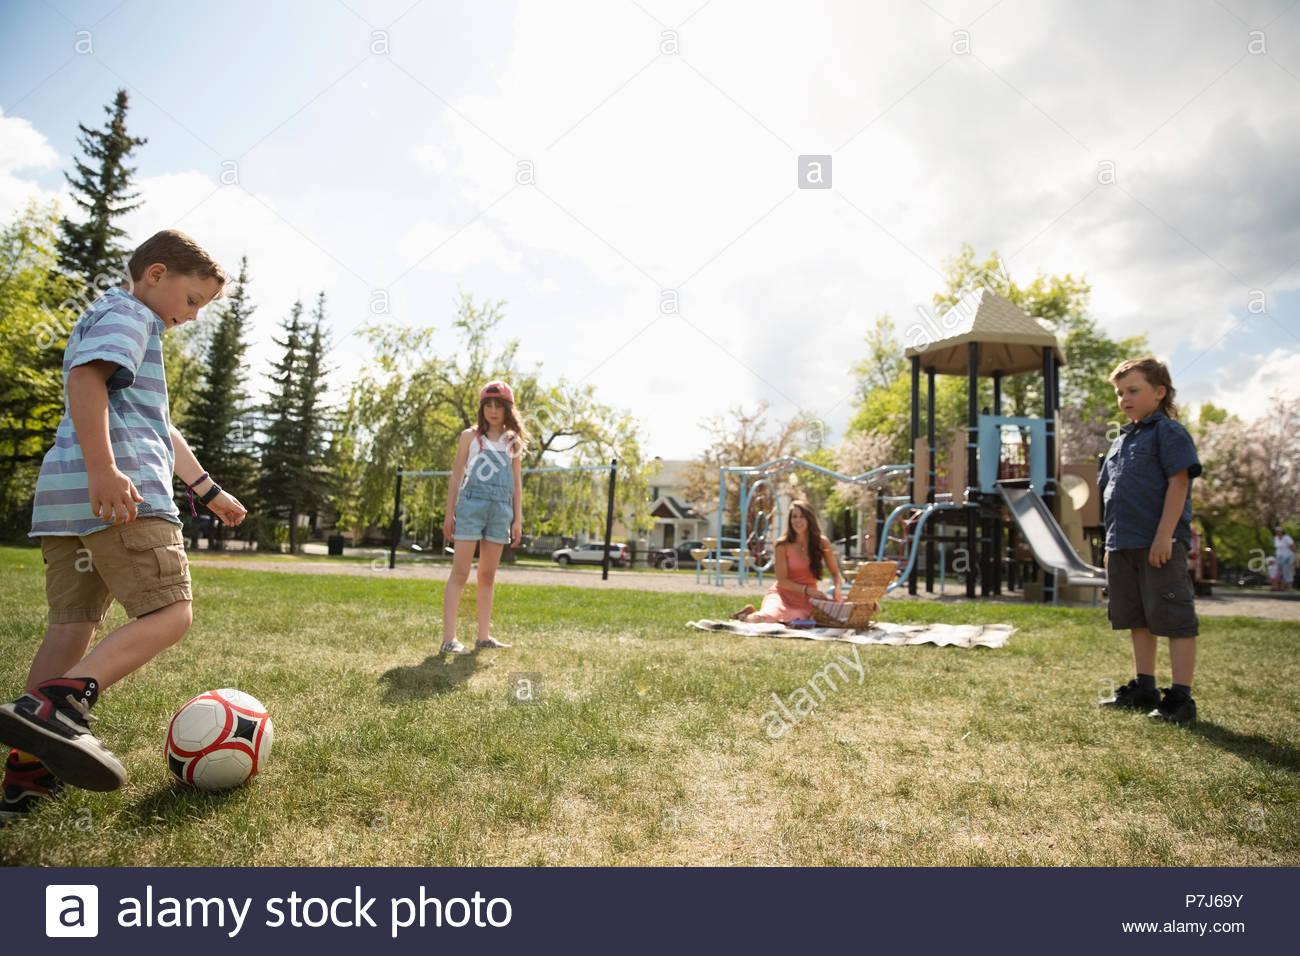 Mère sur couverture de pique-nique en regardant les enfants jouer au soccer à sunny park Photo Stock